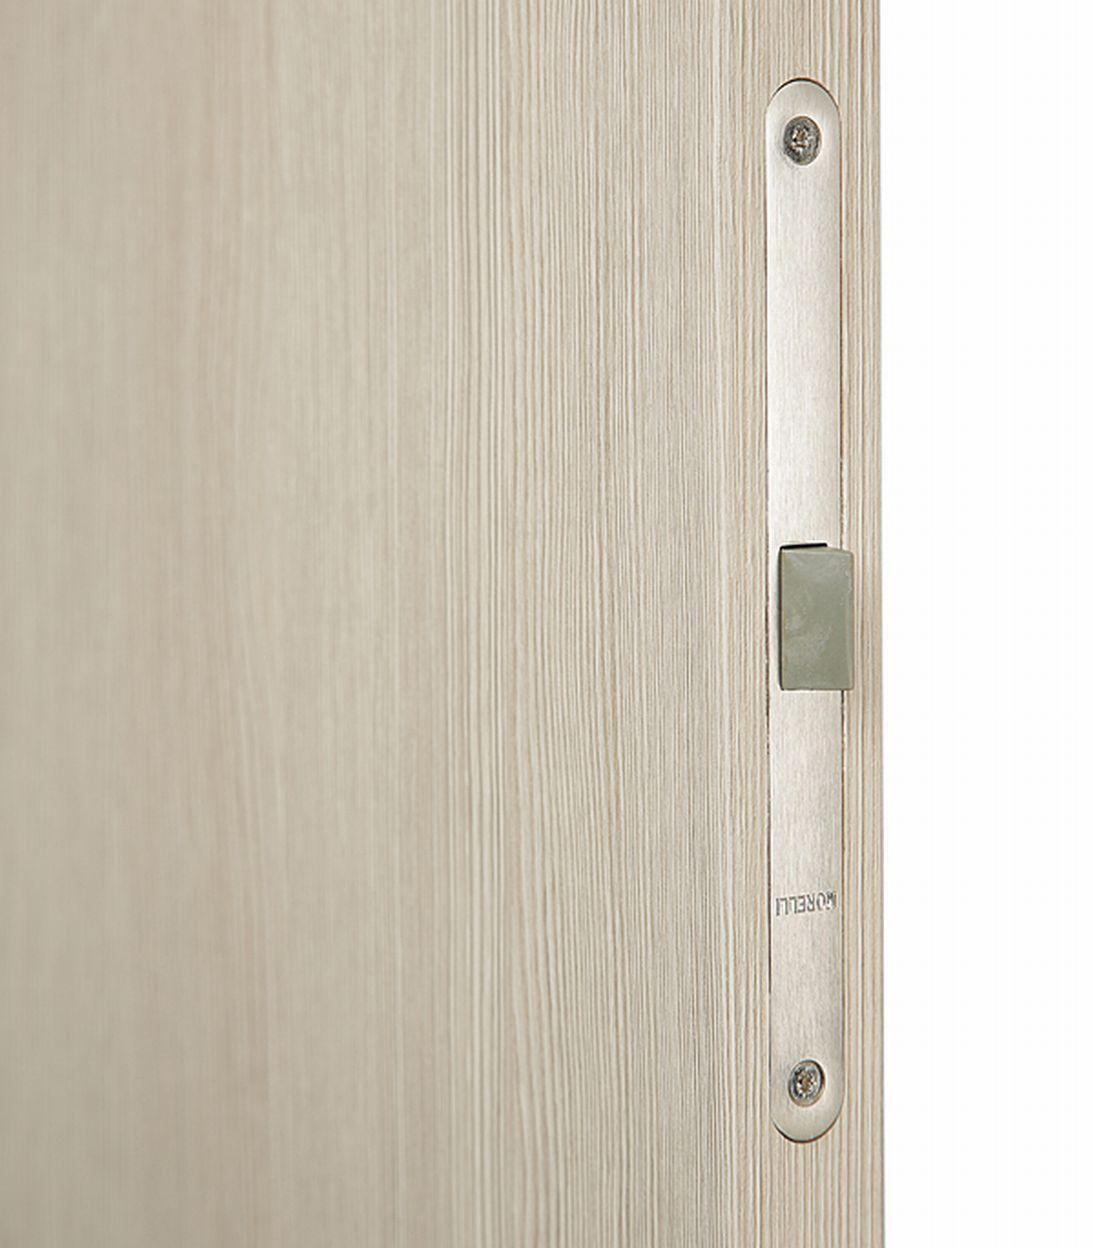 Описание Дверное полотно VellDoris Vision 2 капучино со стеклом экошпон 800x2000 мм